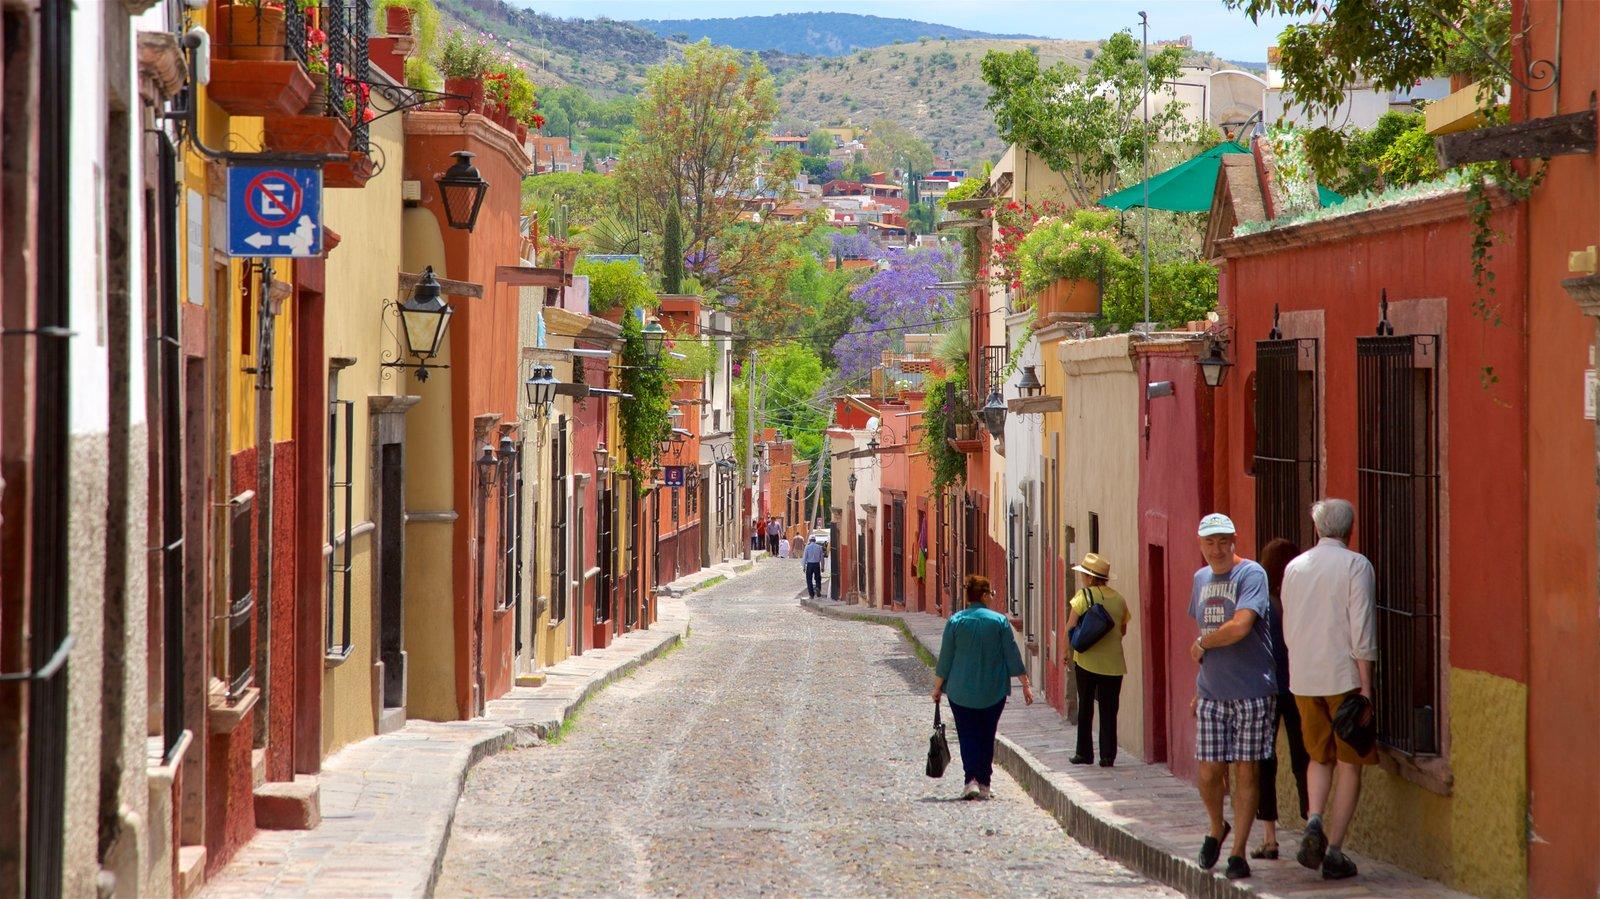 personas caminando por una calle en San Miguel de Allende